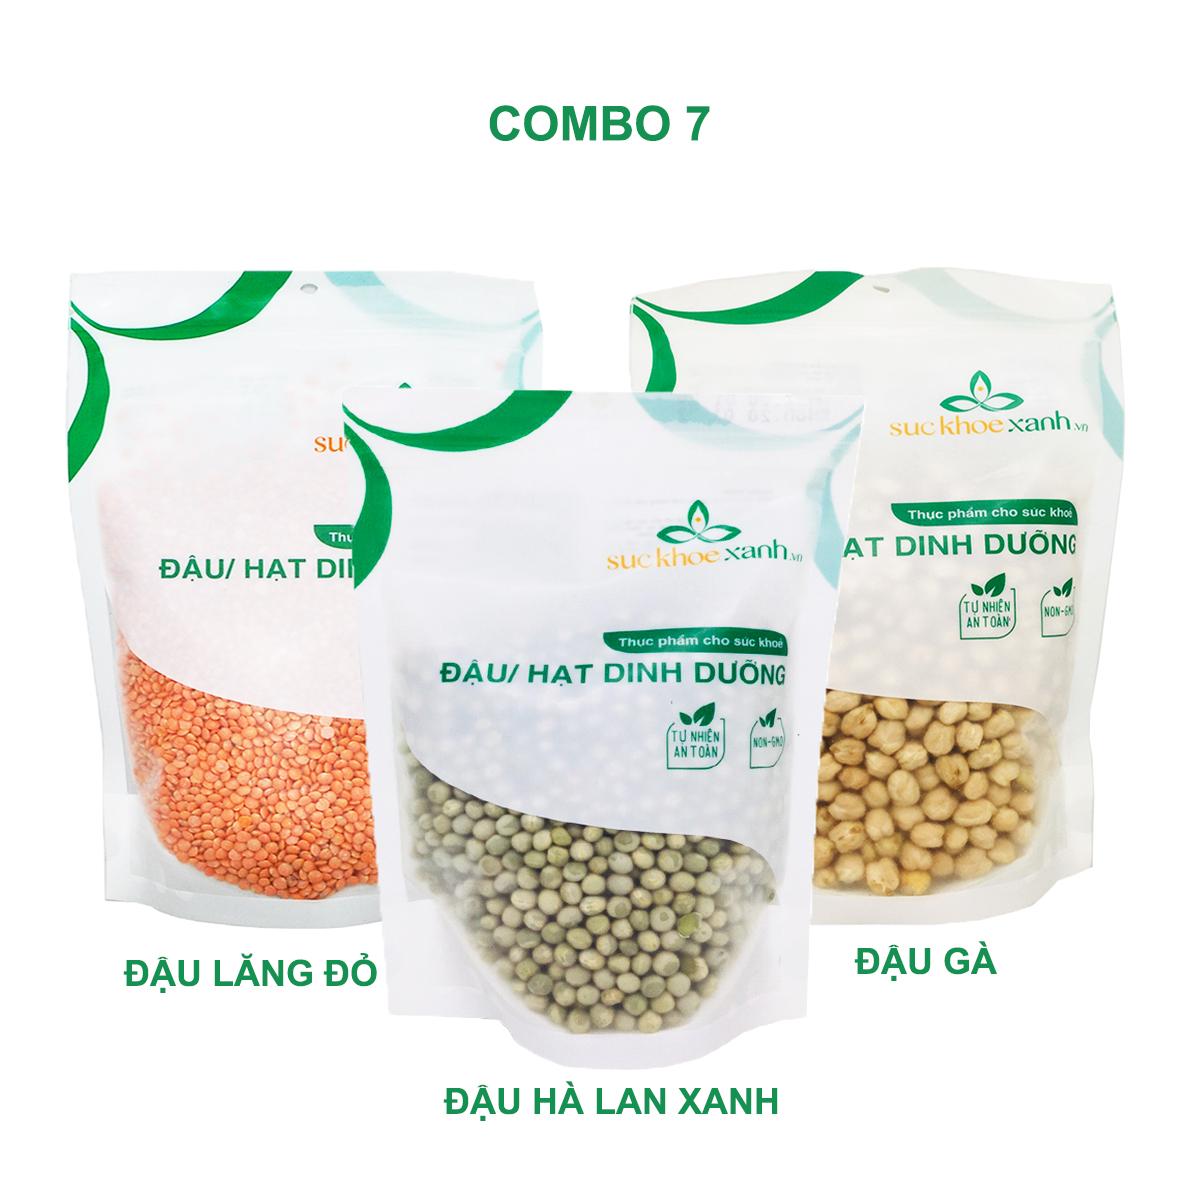 Combo 7 - Đậu gà & Đậu lăng đỏ & Đậu hà lan xanh nguyên hạt (mỗi túi 500g)